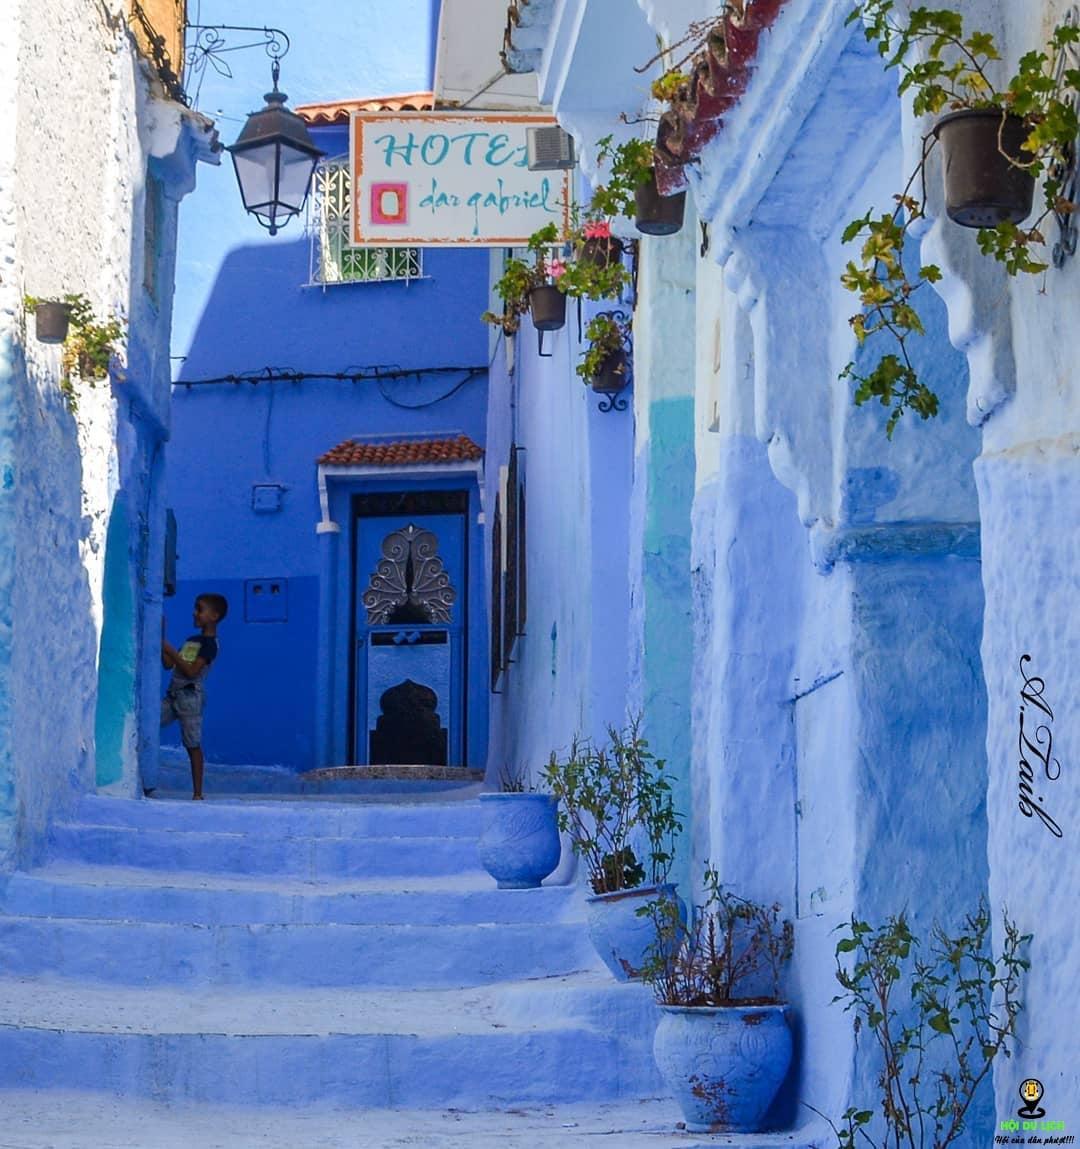 Vì sao nên chọn đất nước Morocco